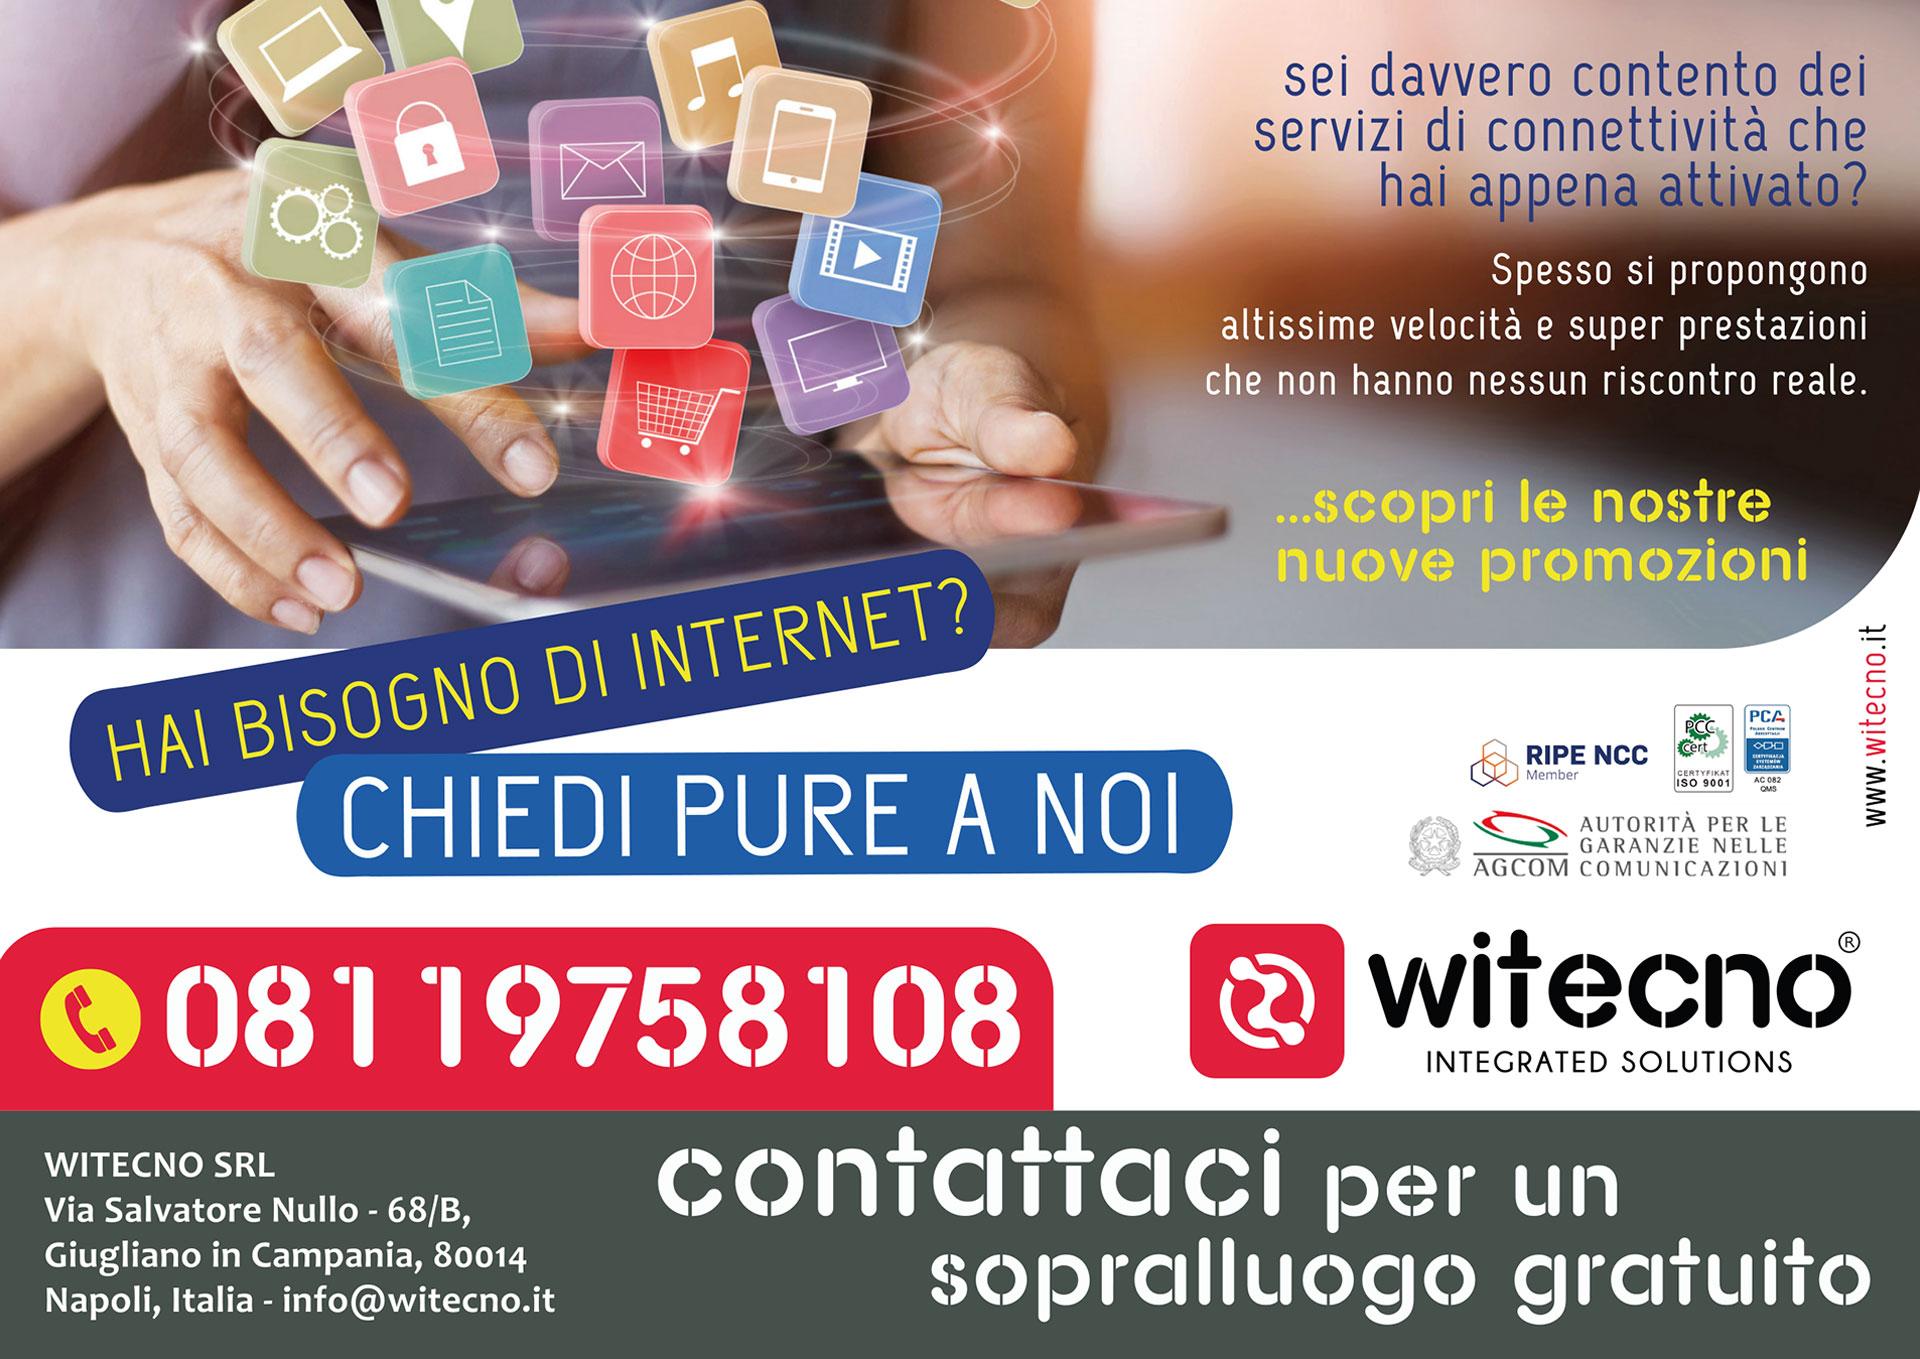 Internet_connettivita_alta_velocità_soprallugo_gratuito